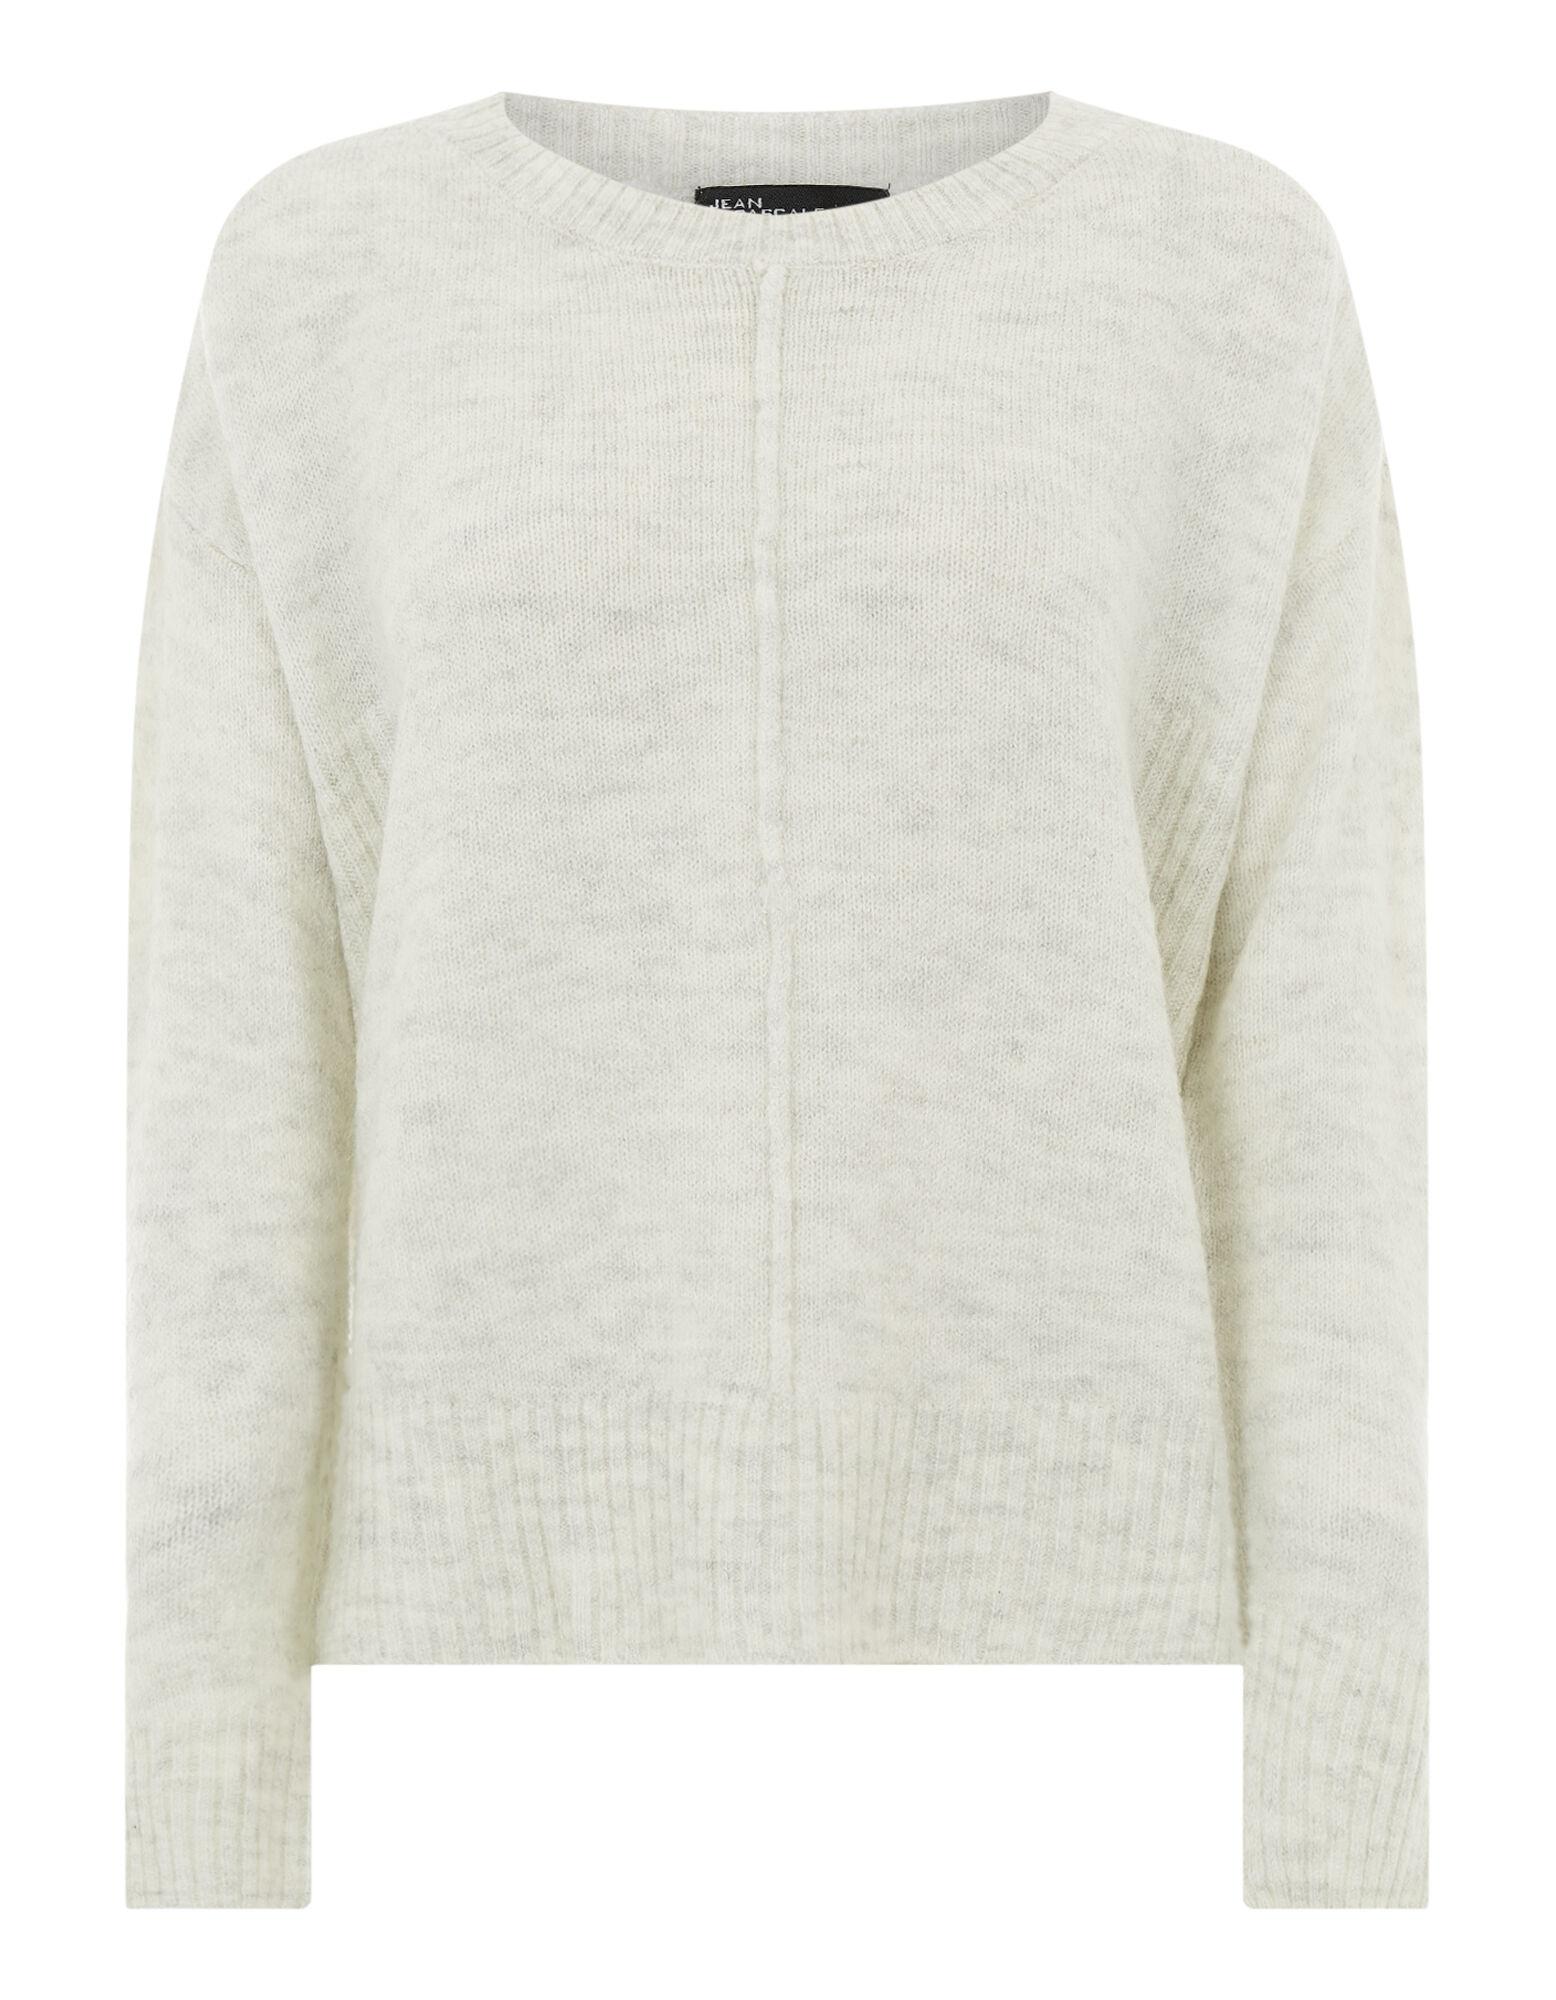 Damen Pullover günstig kaufen✓ Takko Fashion